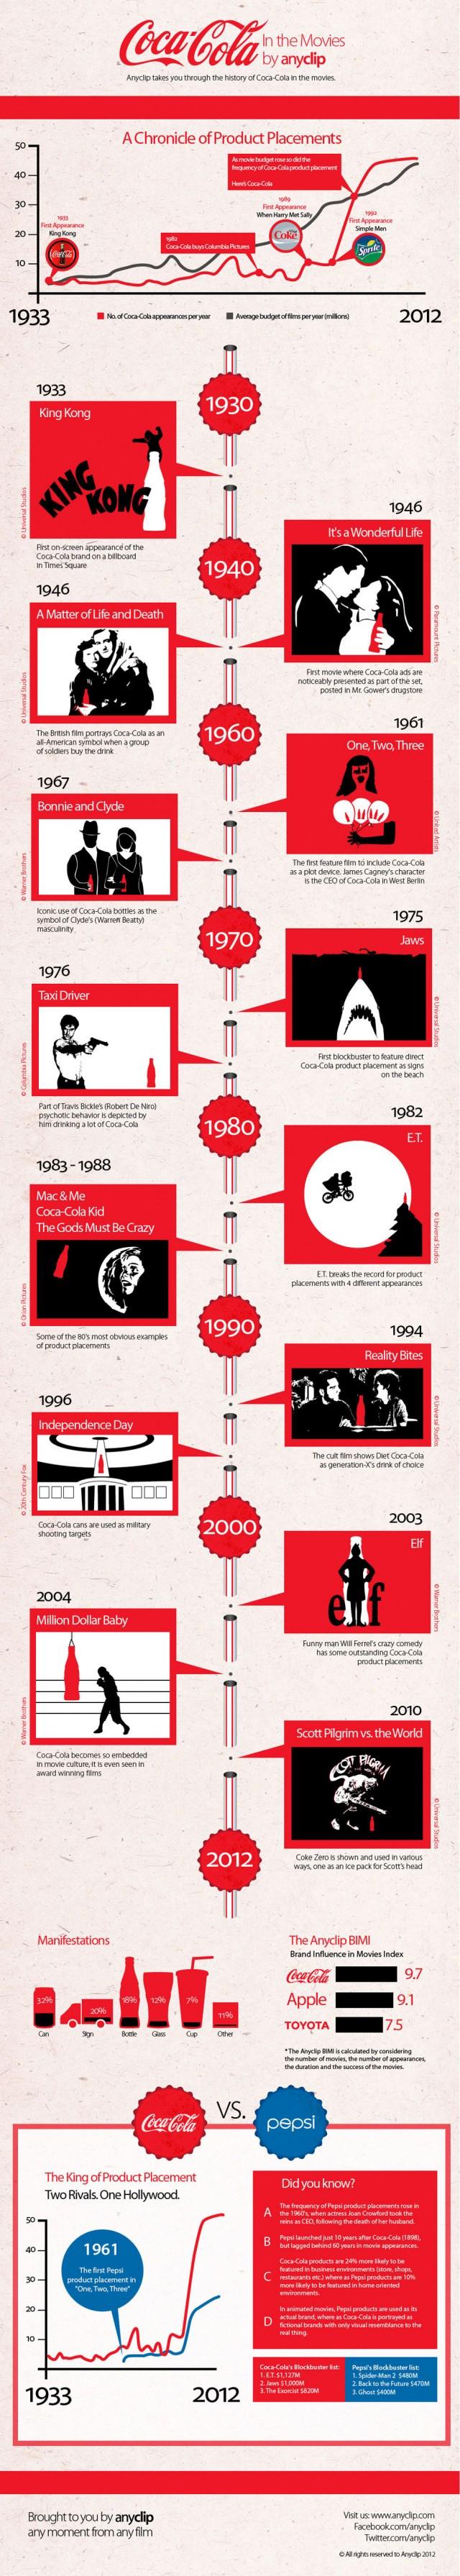 Infographic Coca Cola door de jaren heen